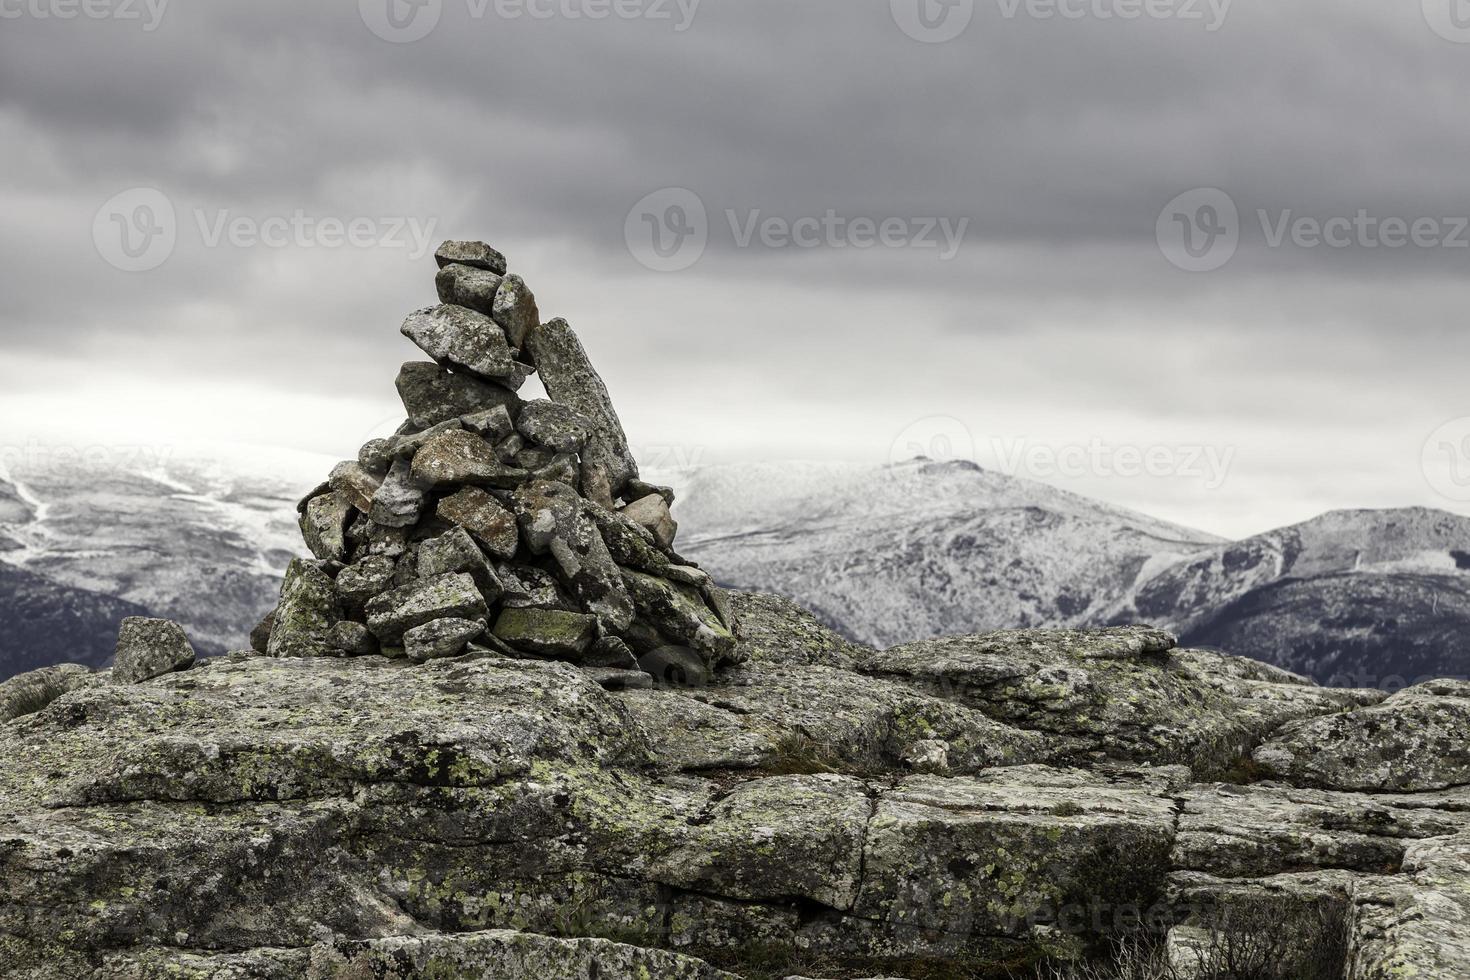 paesaggio collinare con una pietra miliare di pietre in primo piano foto